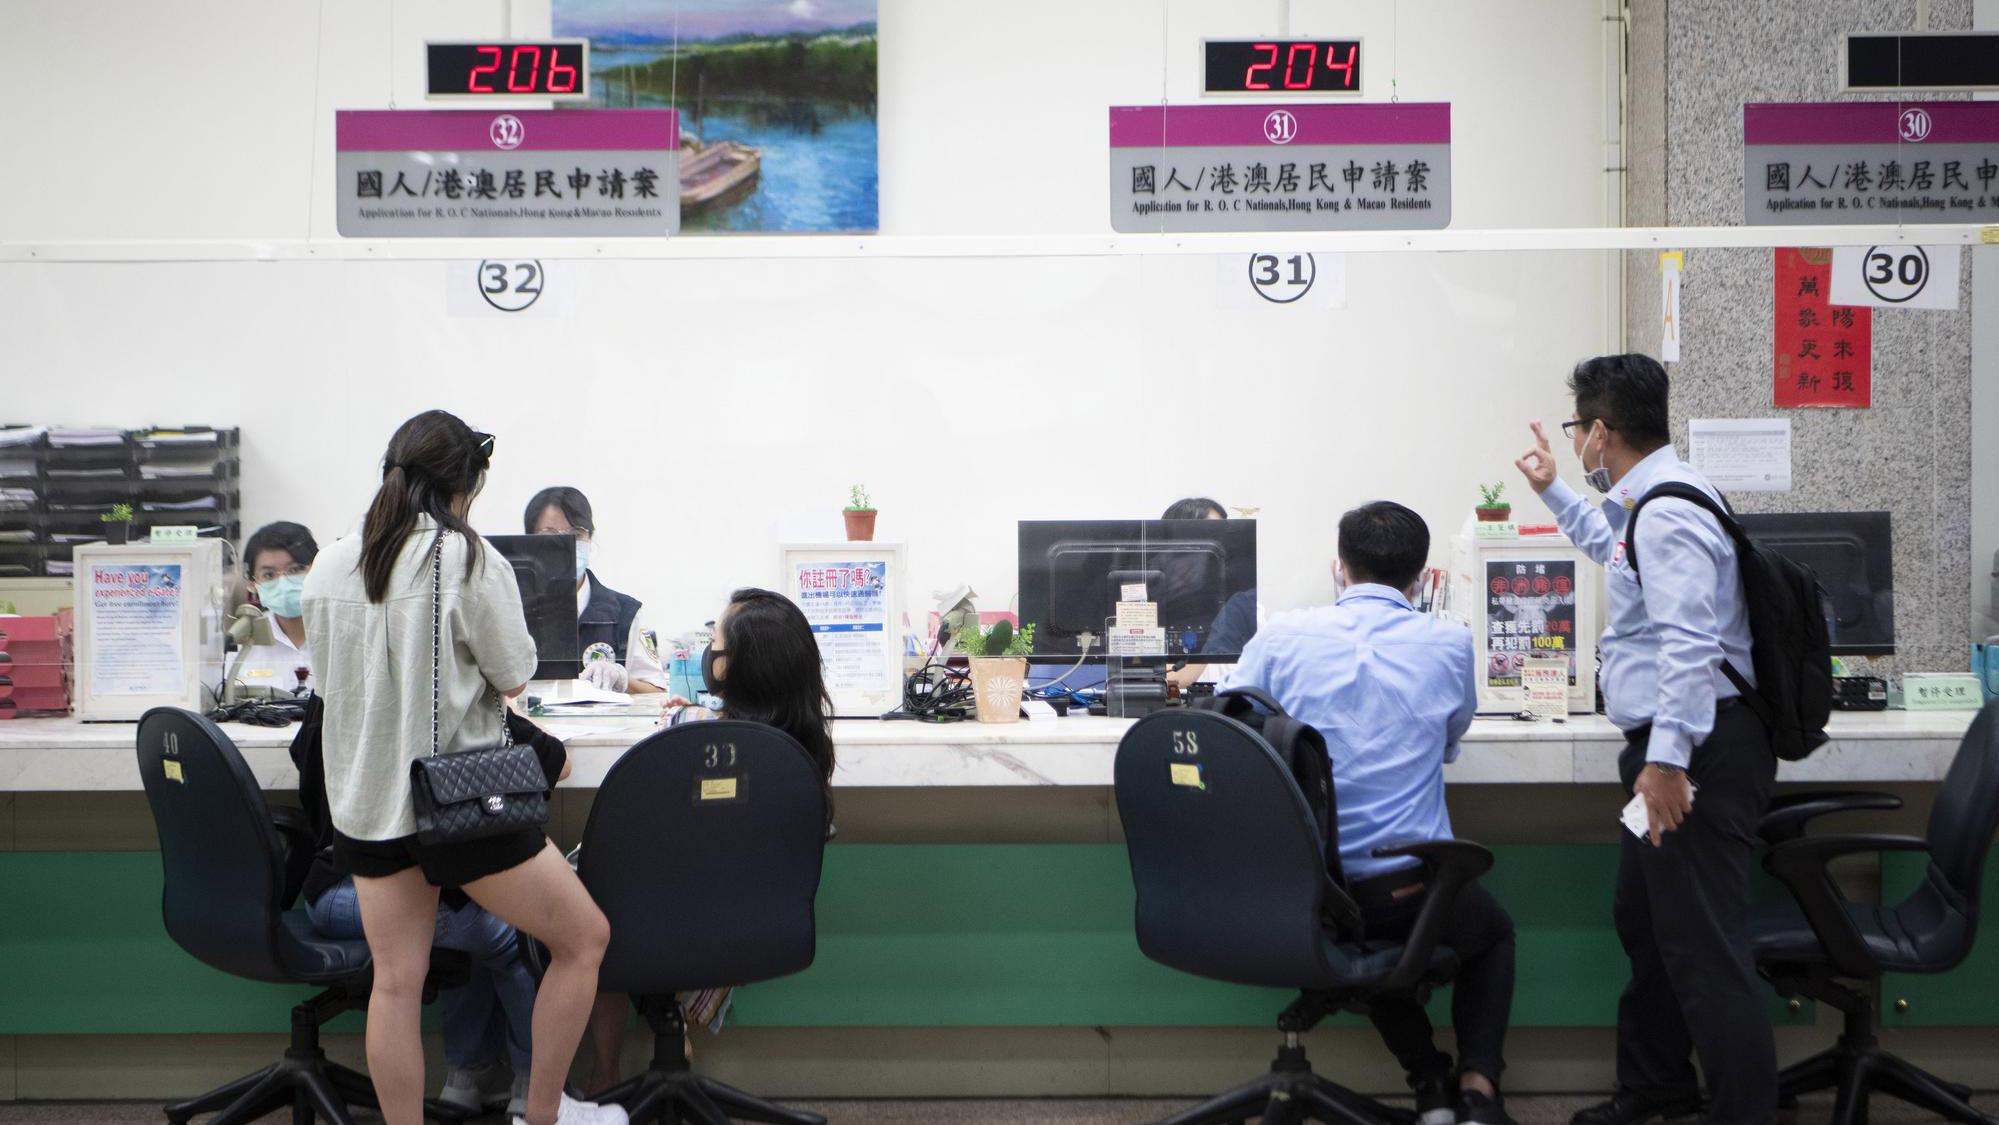 台湾移民署内的港澳居民服务窗口。(摄影/杨子磊)